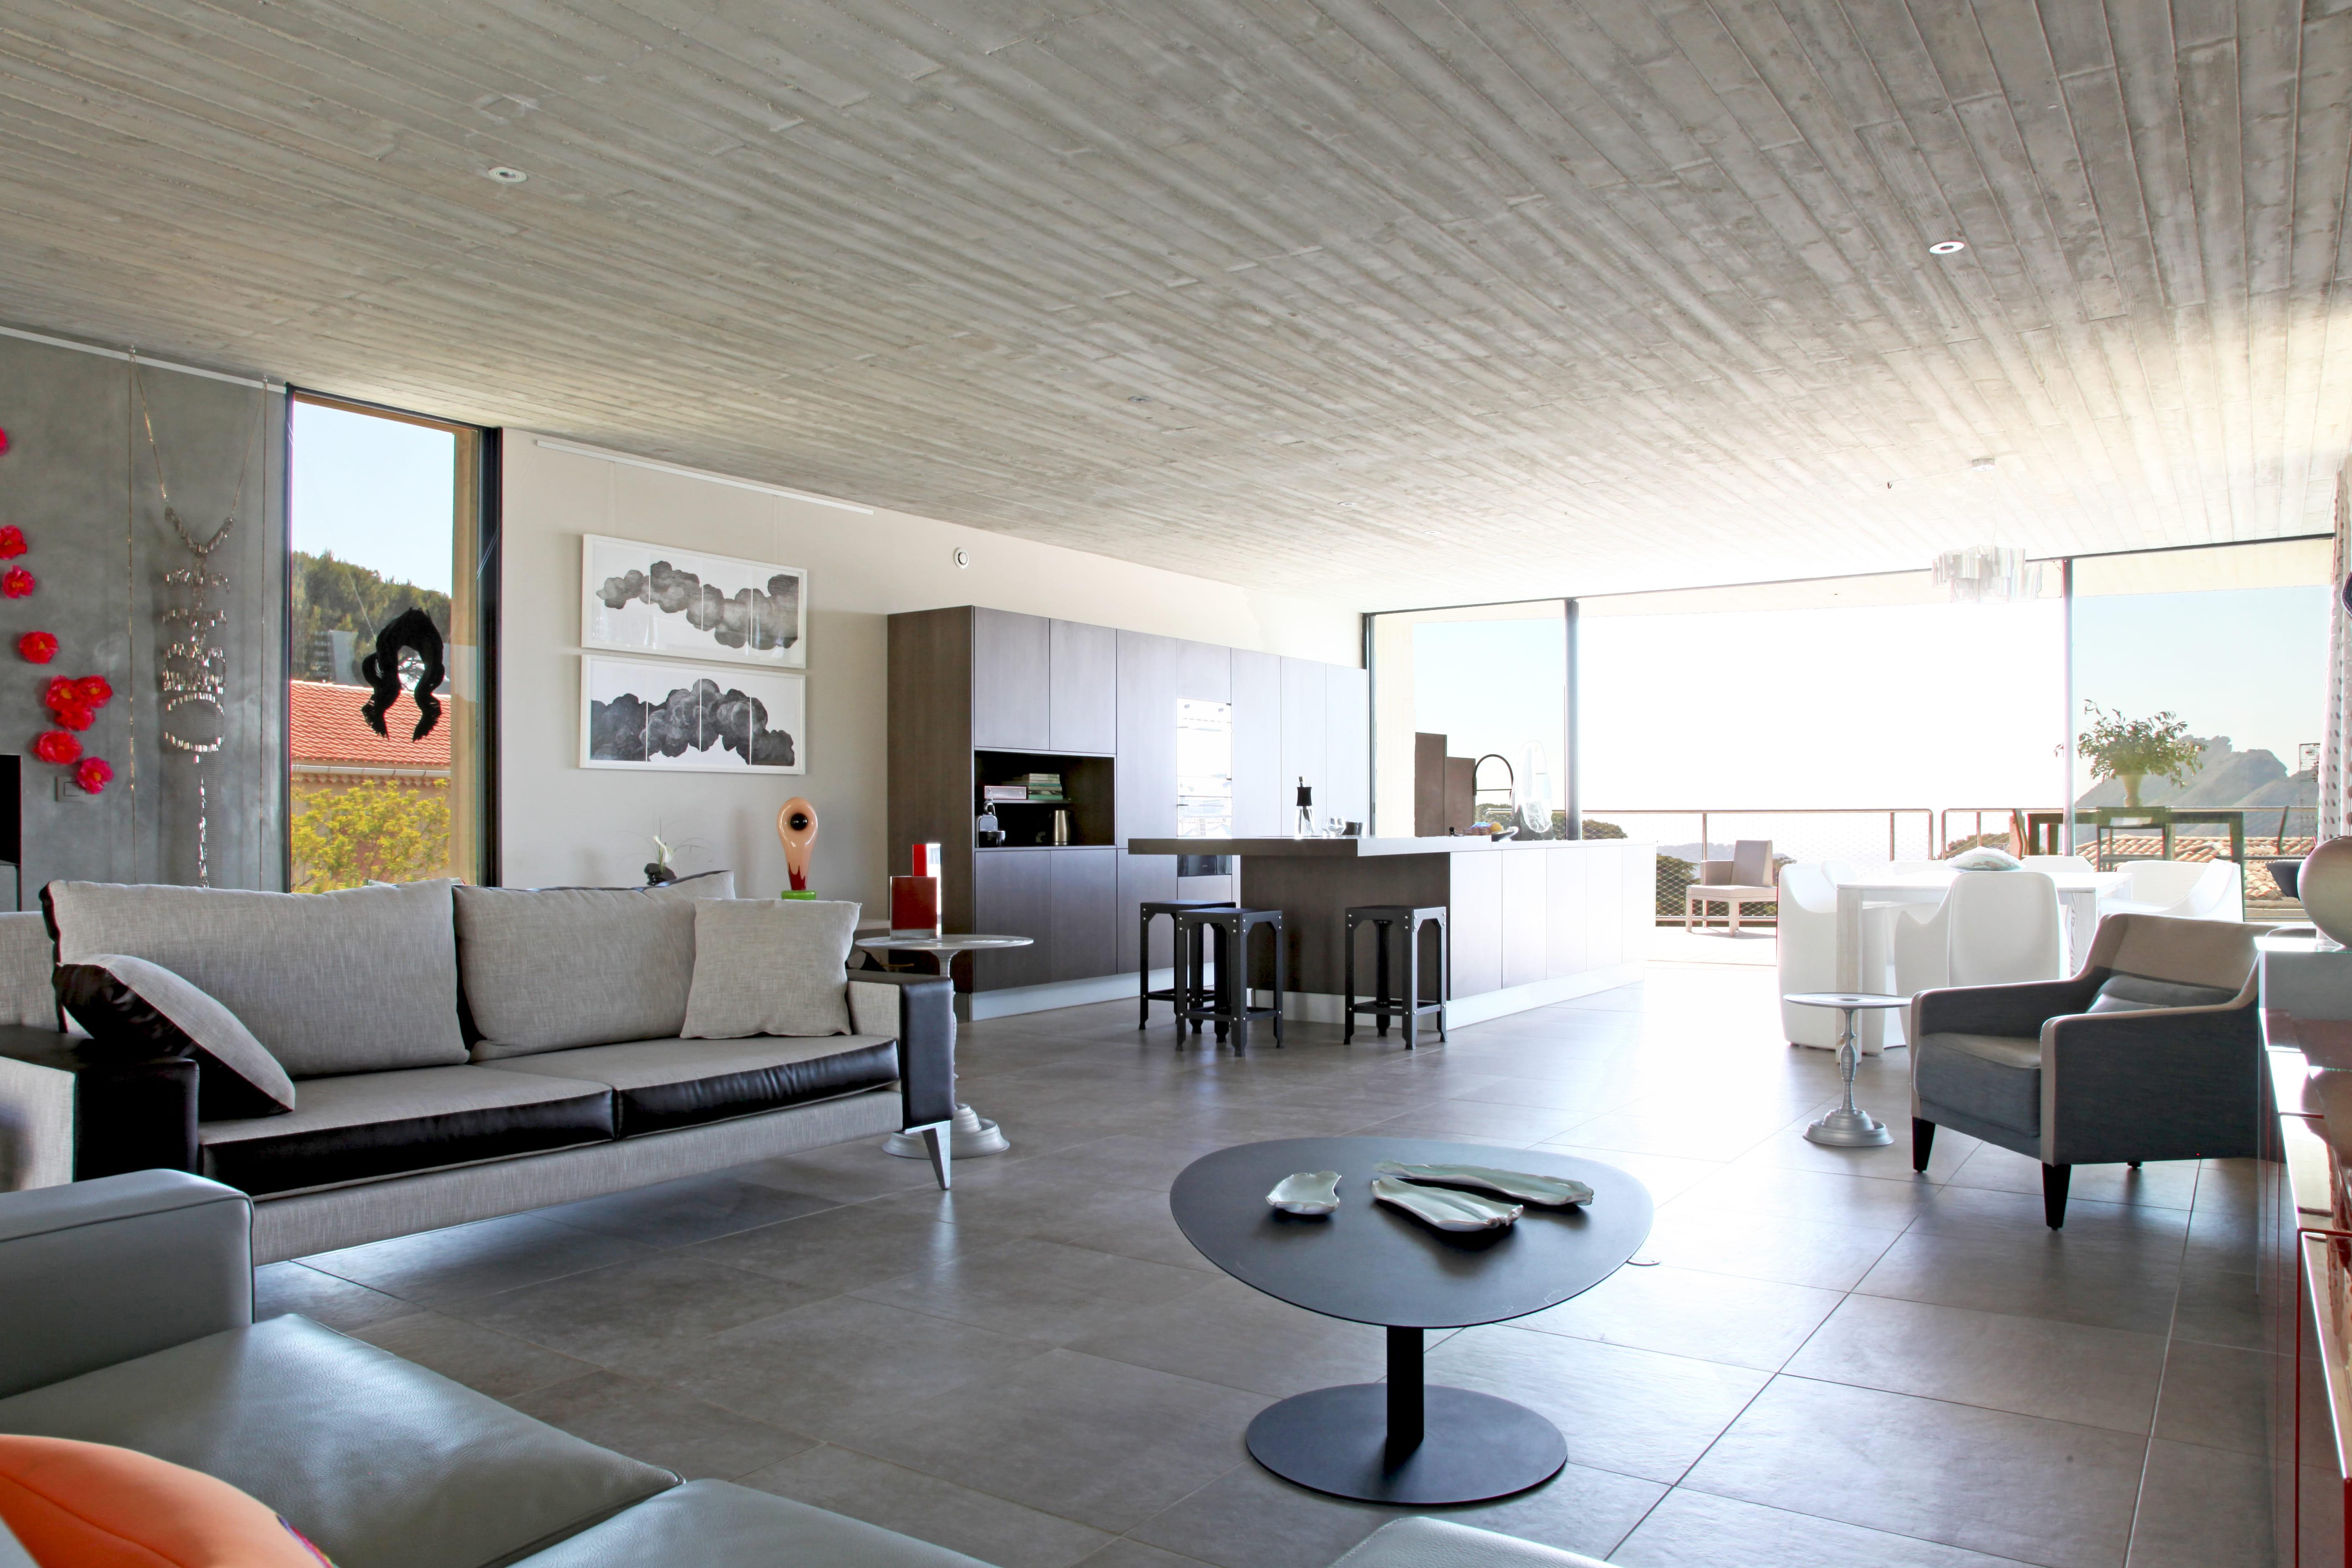 #734134 Pièce à Vivre De Style Contemporain : Donner Un Style  4959 piece a vivre 50m2 5616x3744 px @ aertt.com